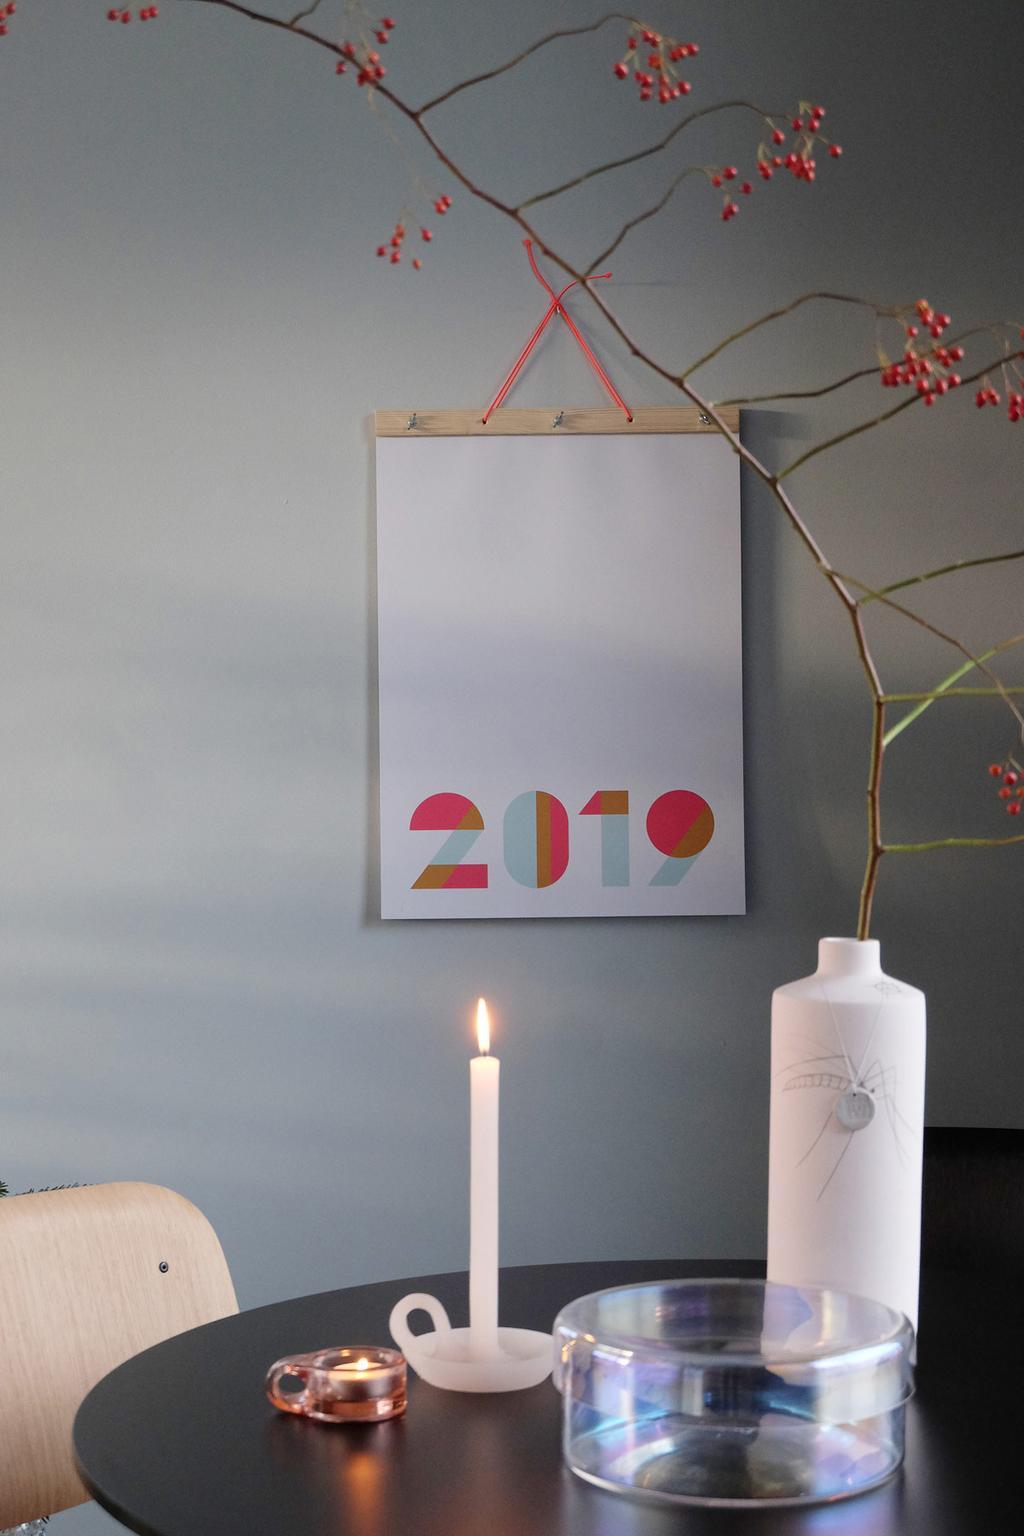 Jaarplanner van ENGEL. is de favoriete kalender van bloggers PRCHTG.